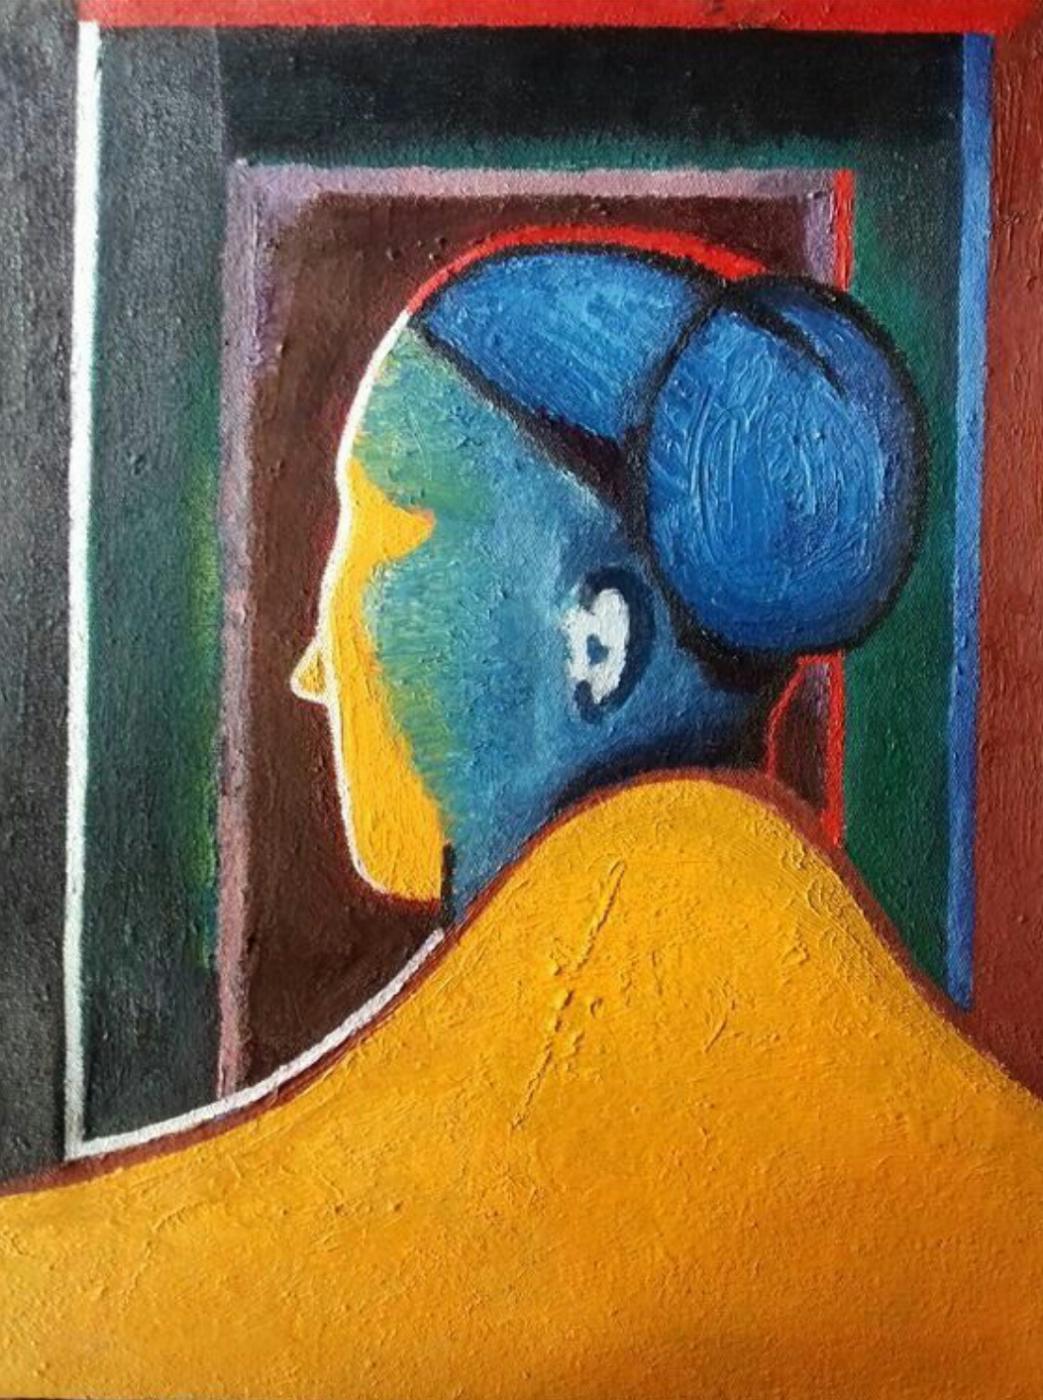 Unknown artist. The Flemish